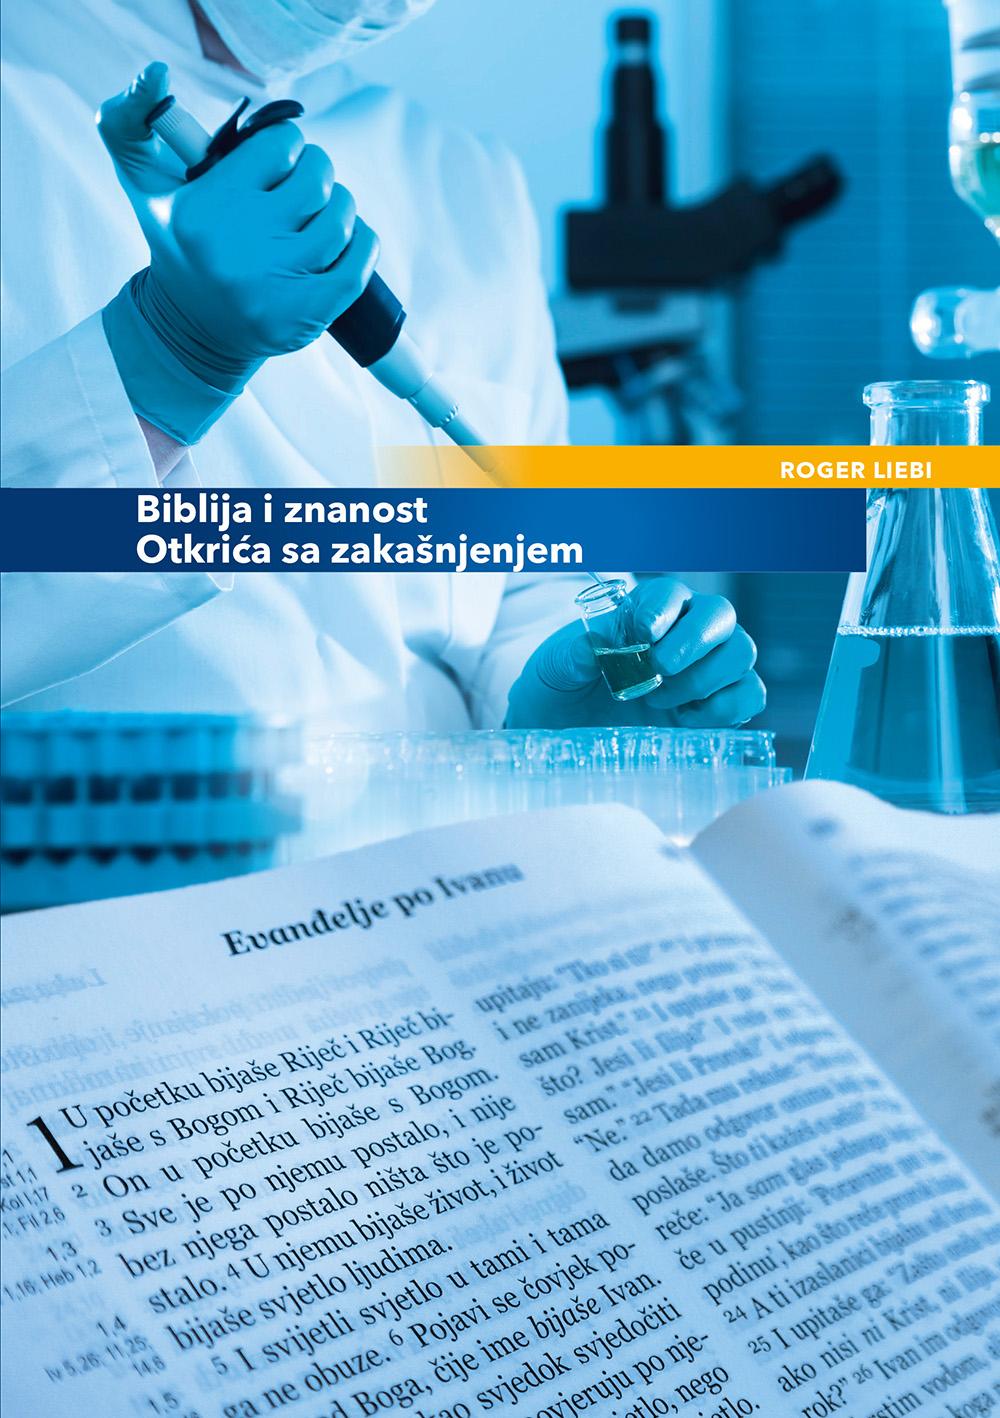 CLV_bibel-und-wissenschaft-kroatisch_roger-liebi_256279_1